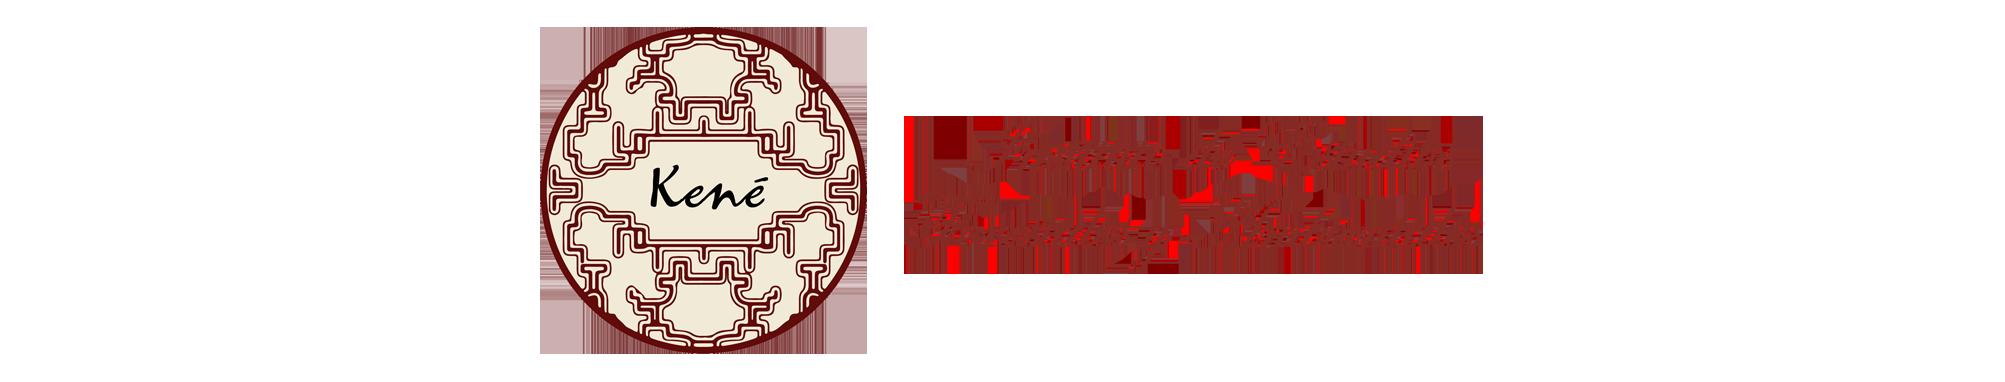 Kené Instituto de Estudios Forestales y Ambientales